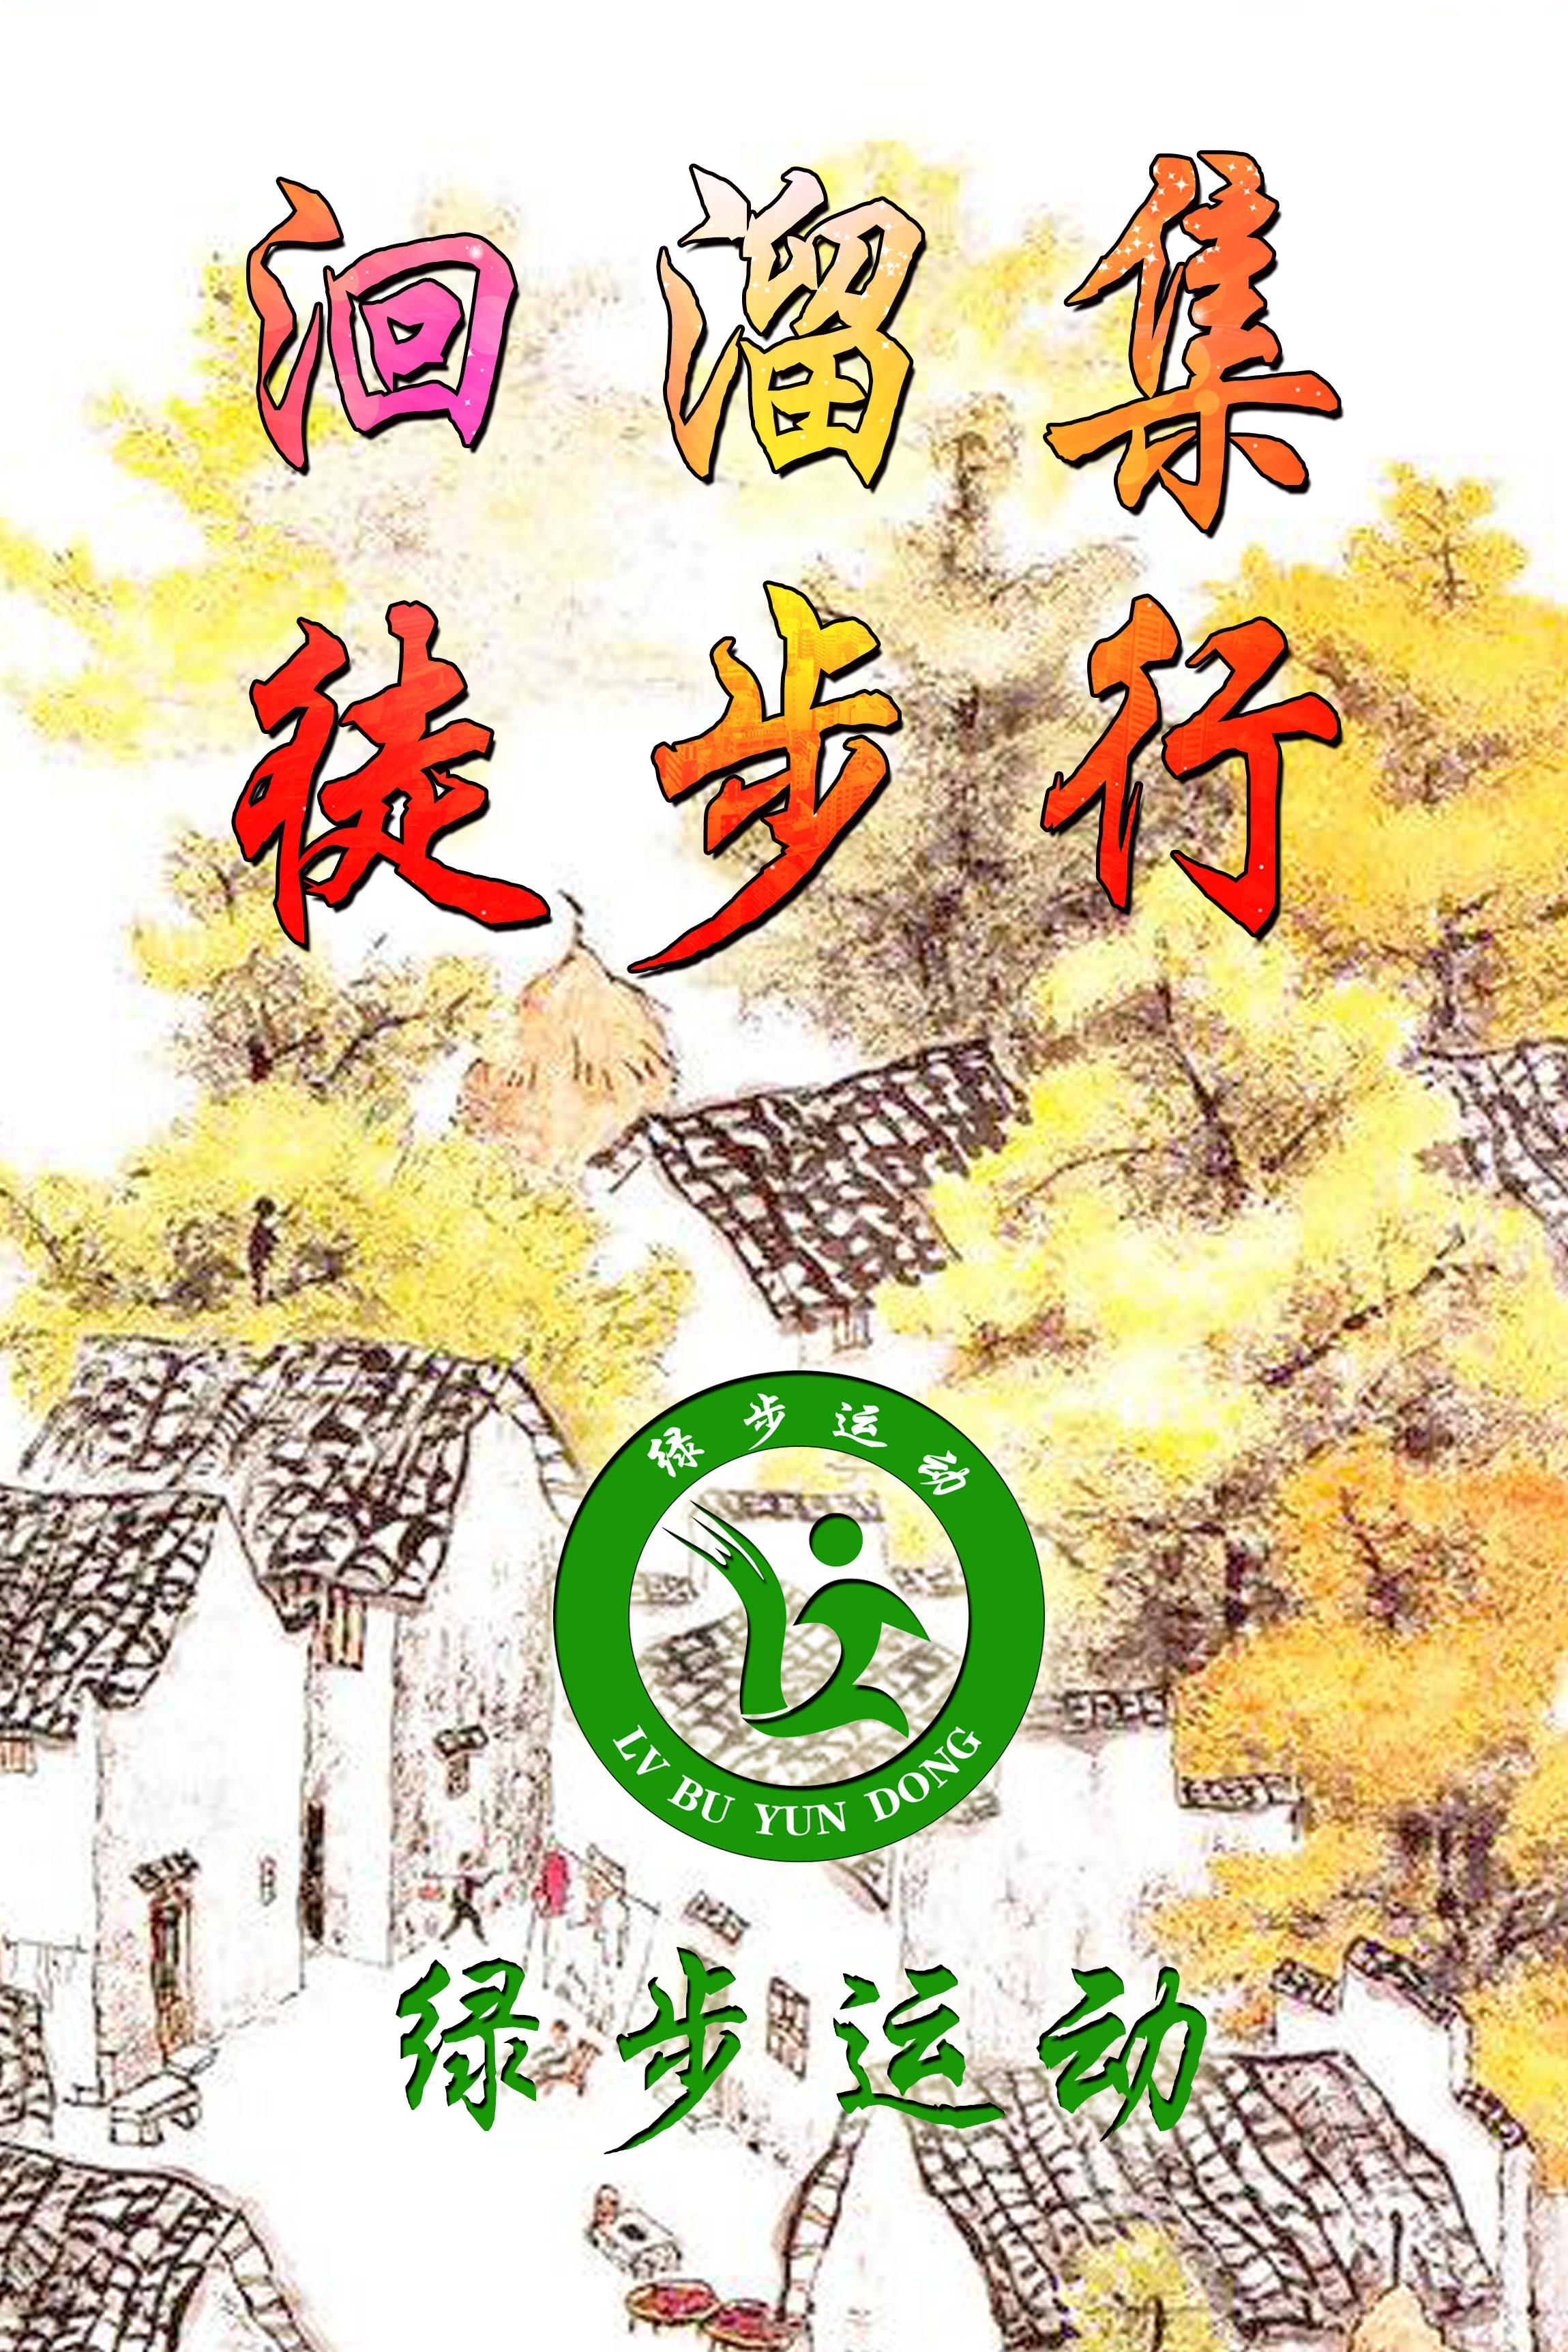 阜阳绿色徒步群第166次徒步洄溜集活动